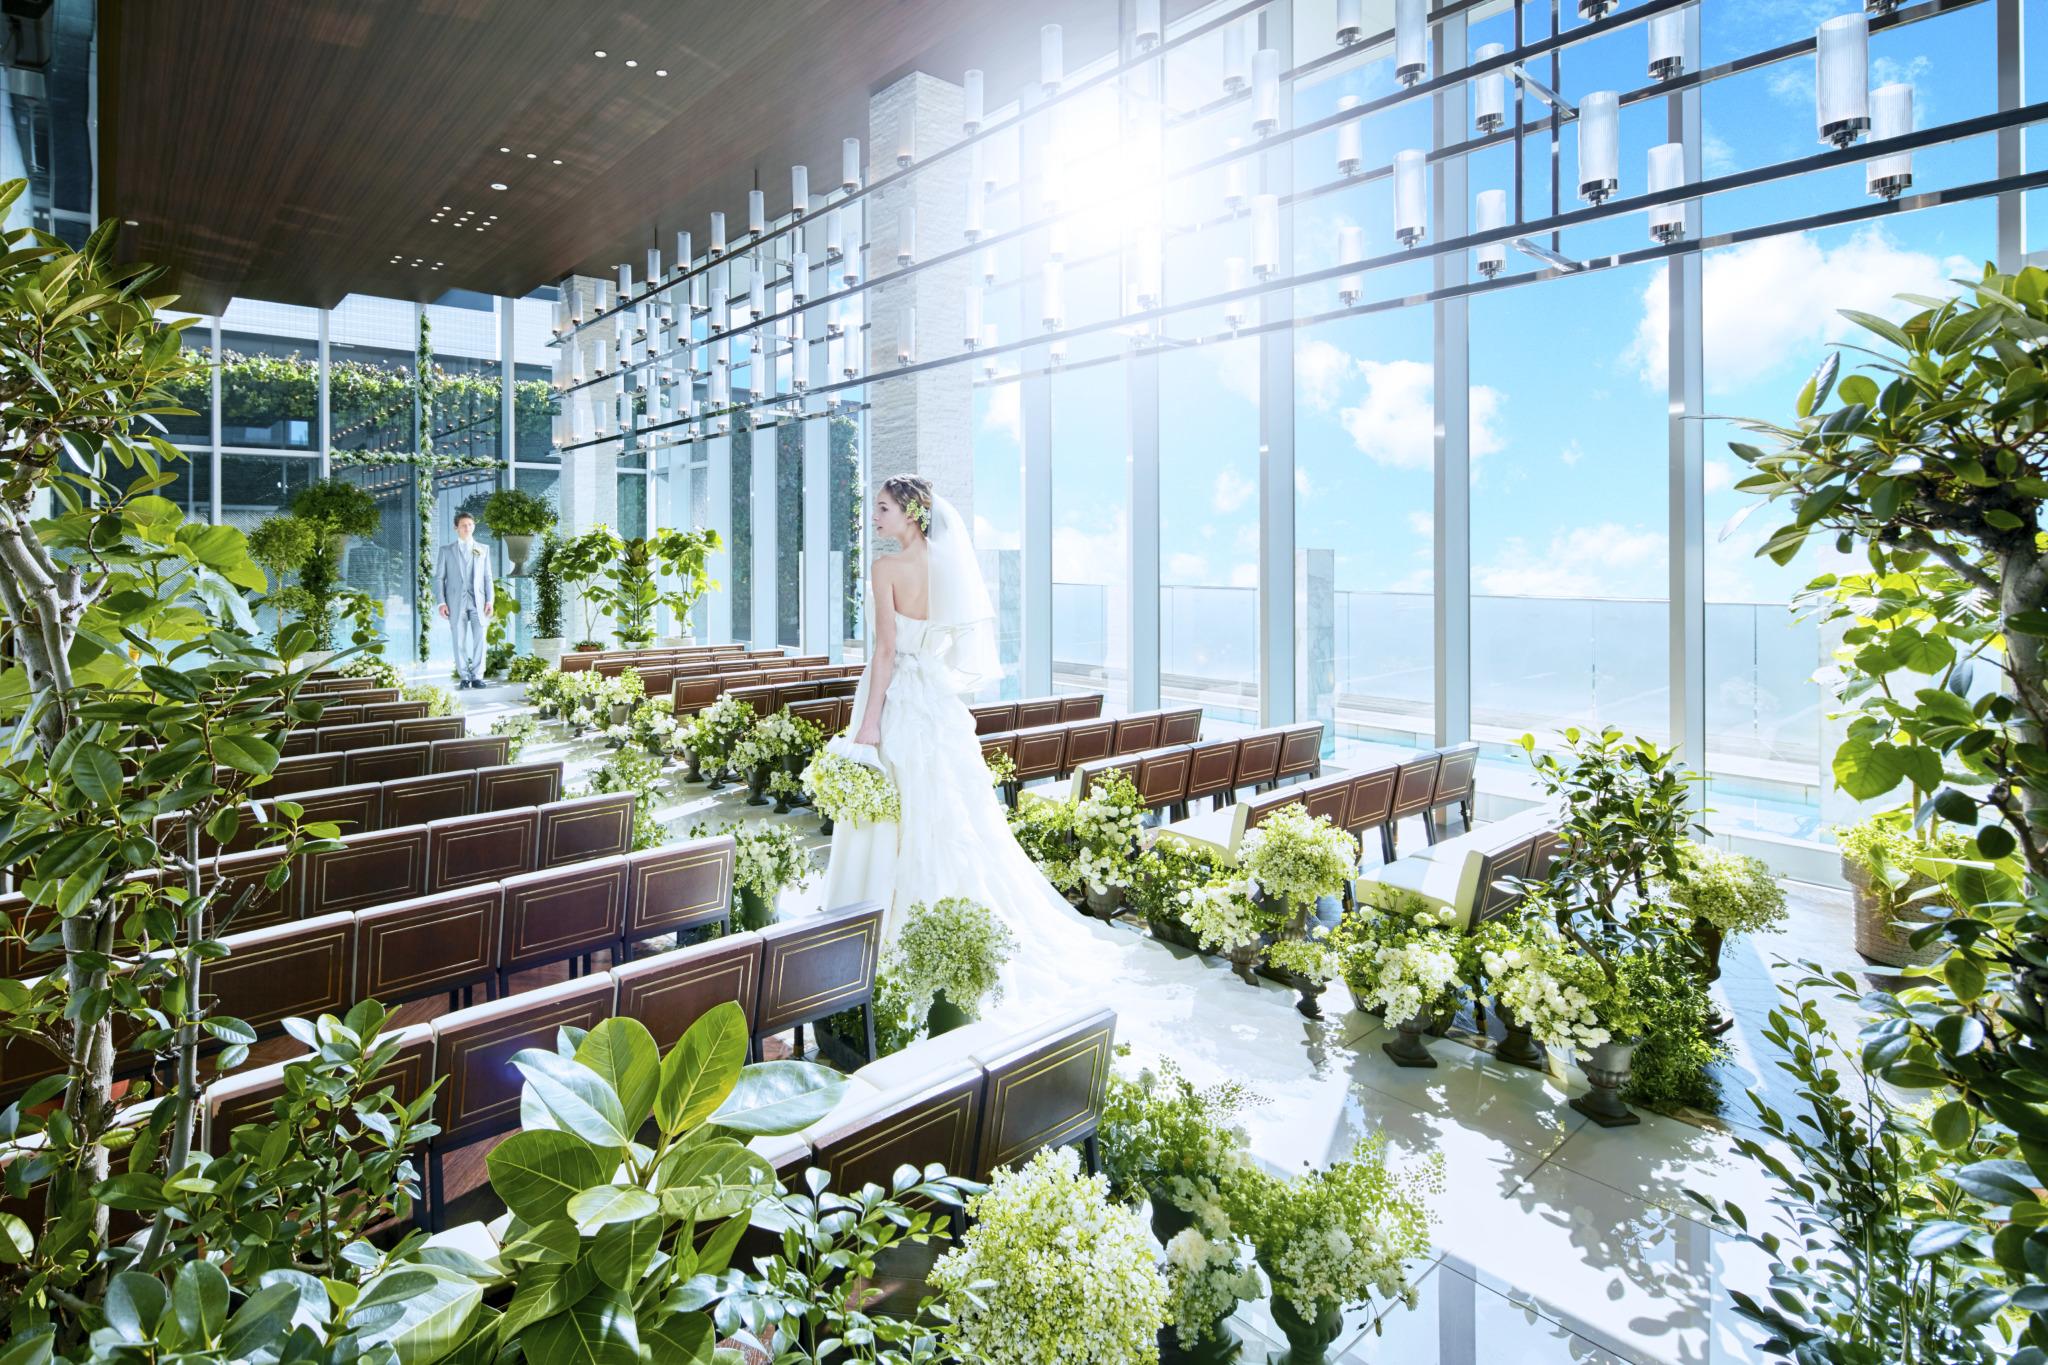 「高級レジデンス」を思わせる、3つの多彩な空間が広がるラグナヴェール大阪